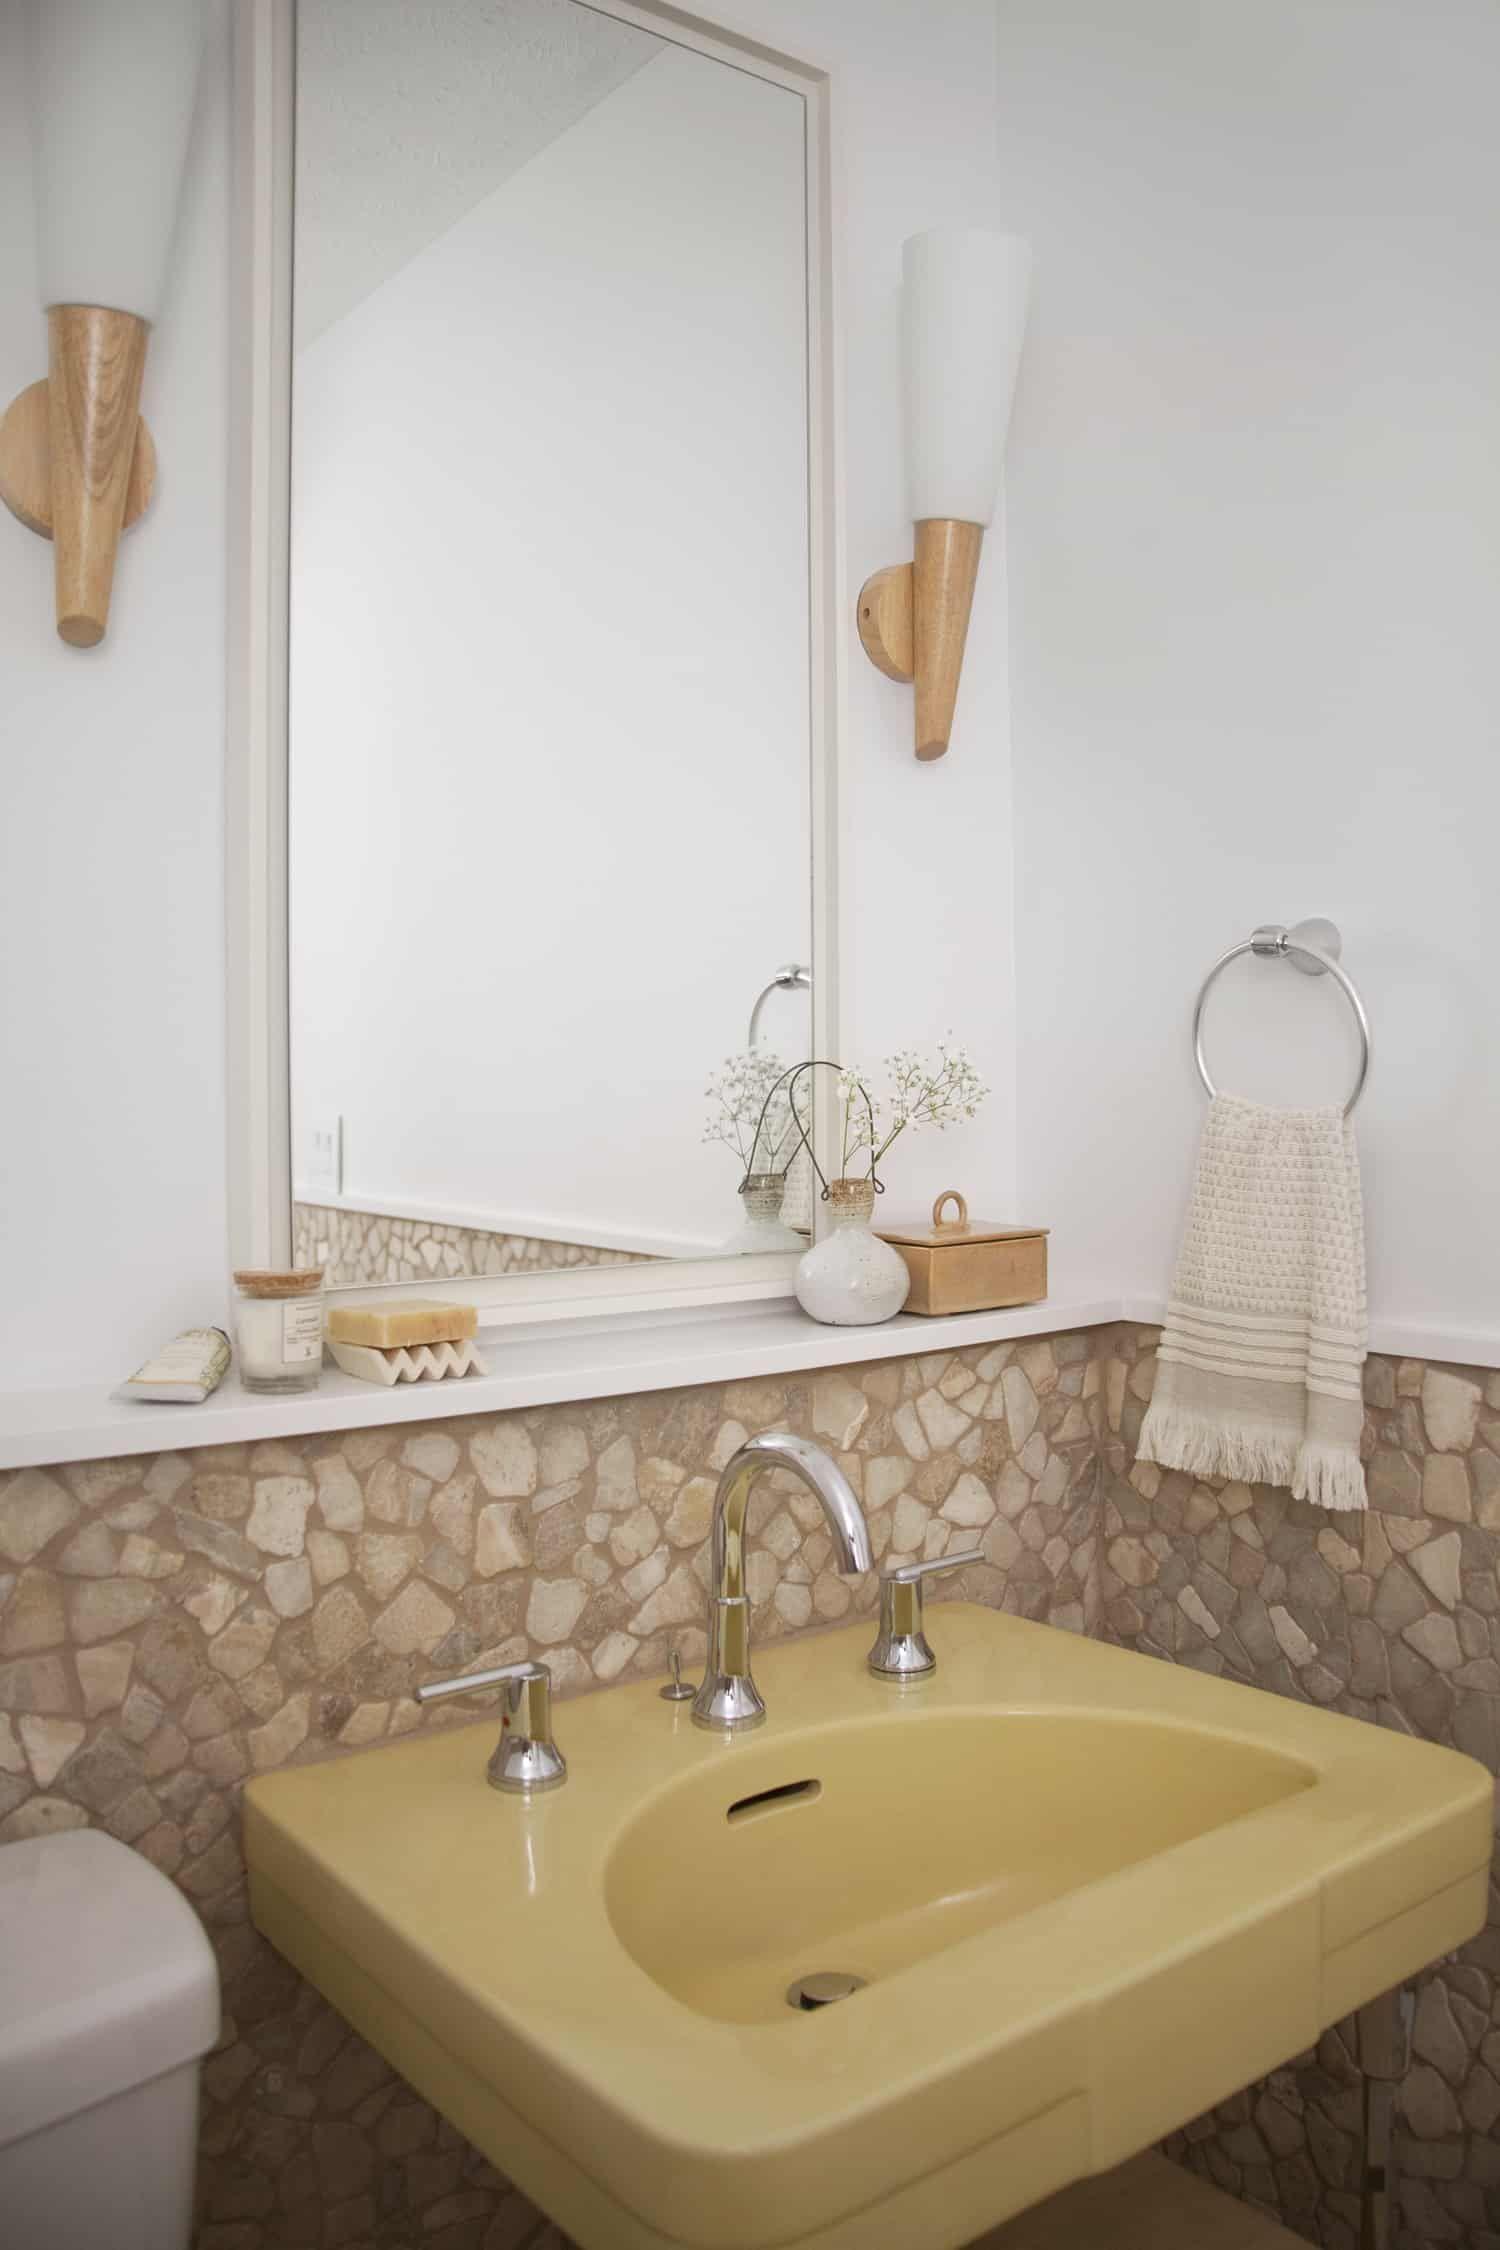 Powder Room Makeover with Delta | Bathroom, Small bathroom ...